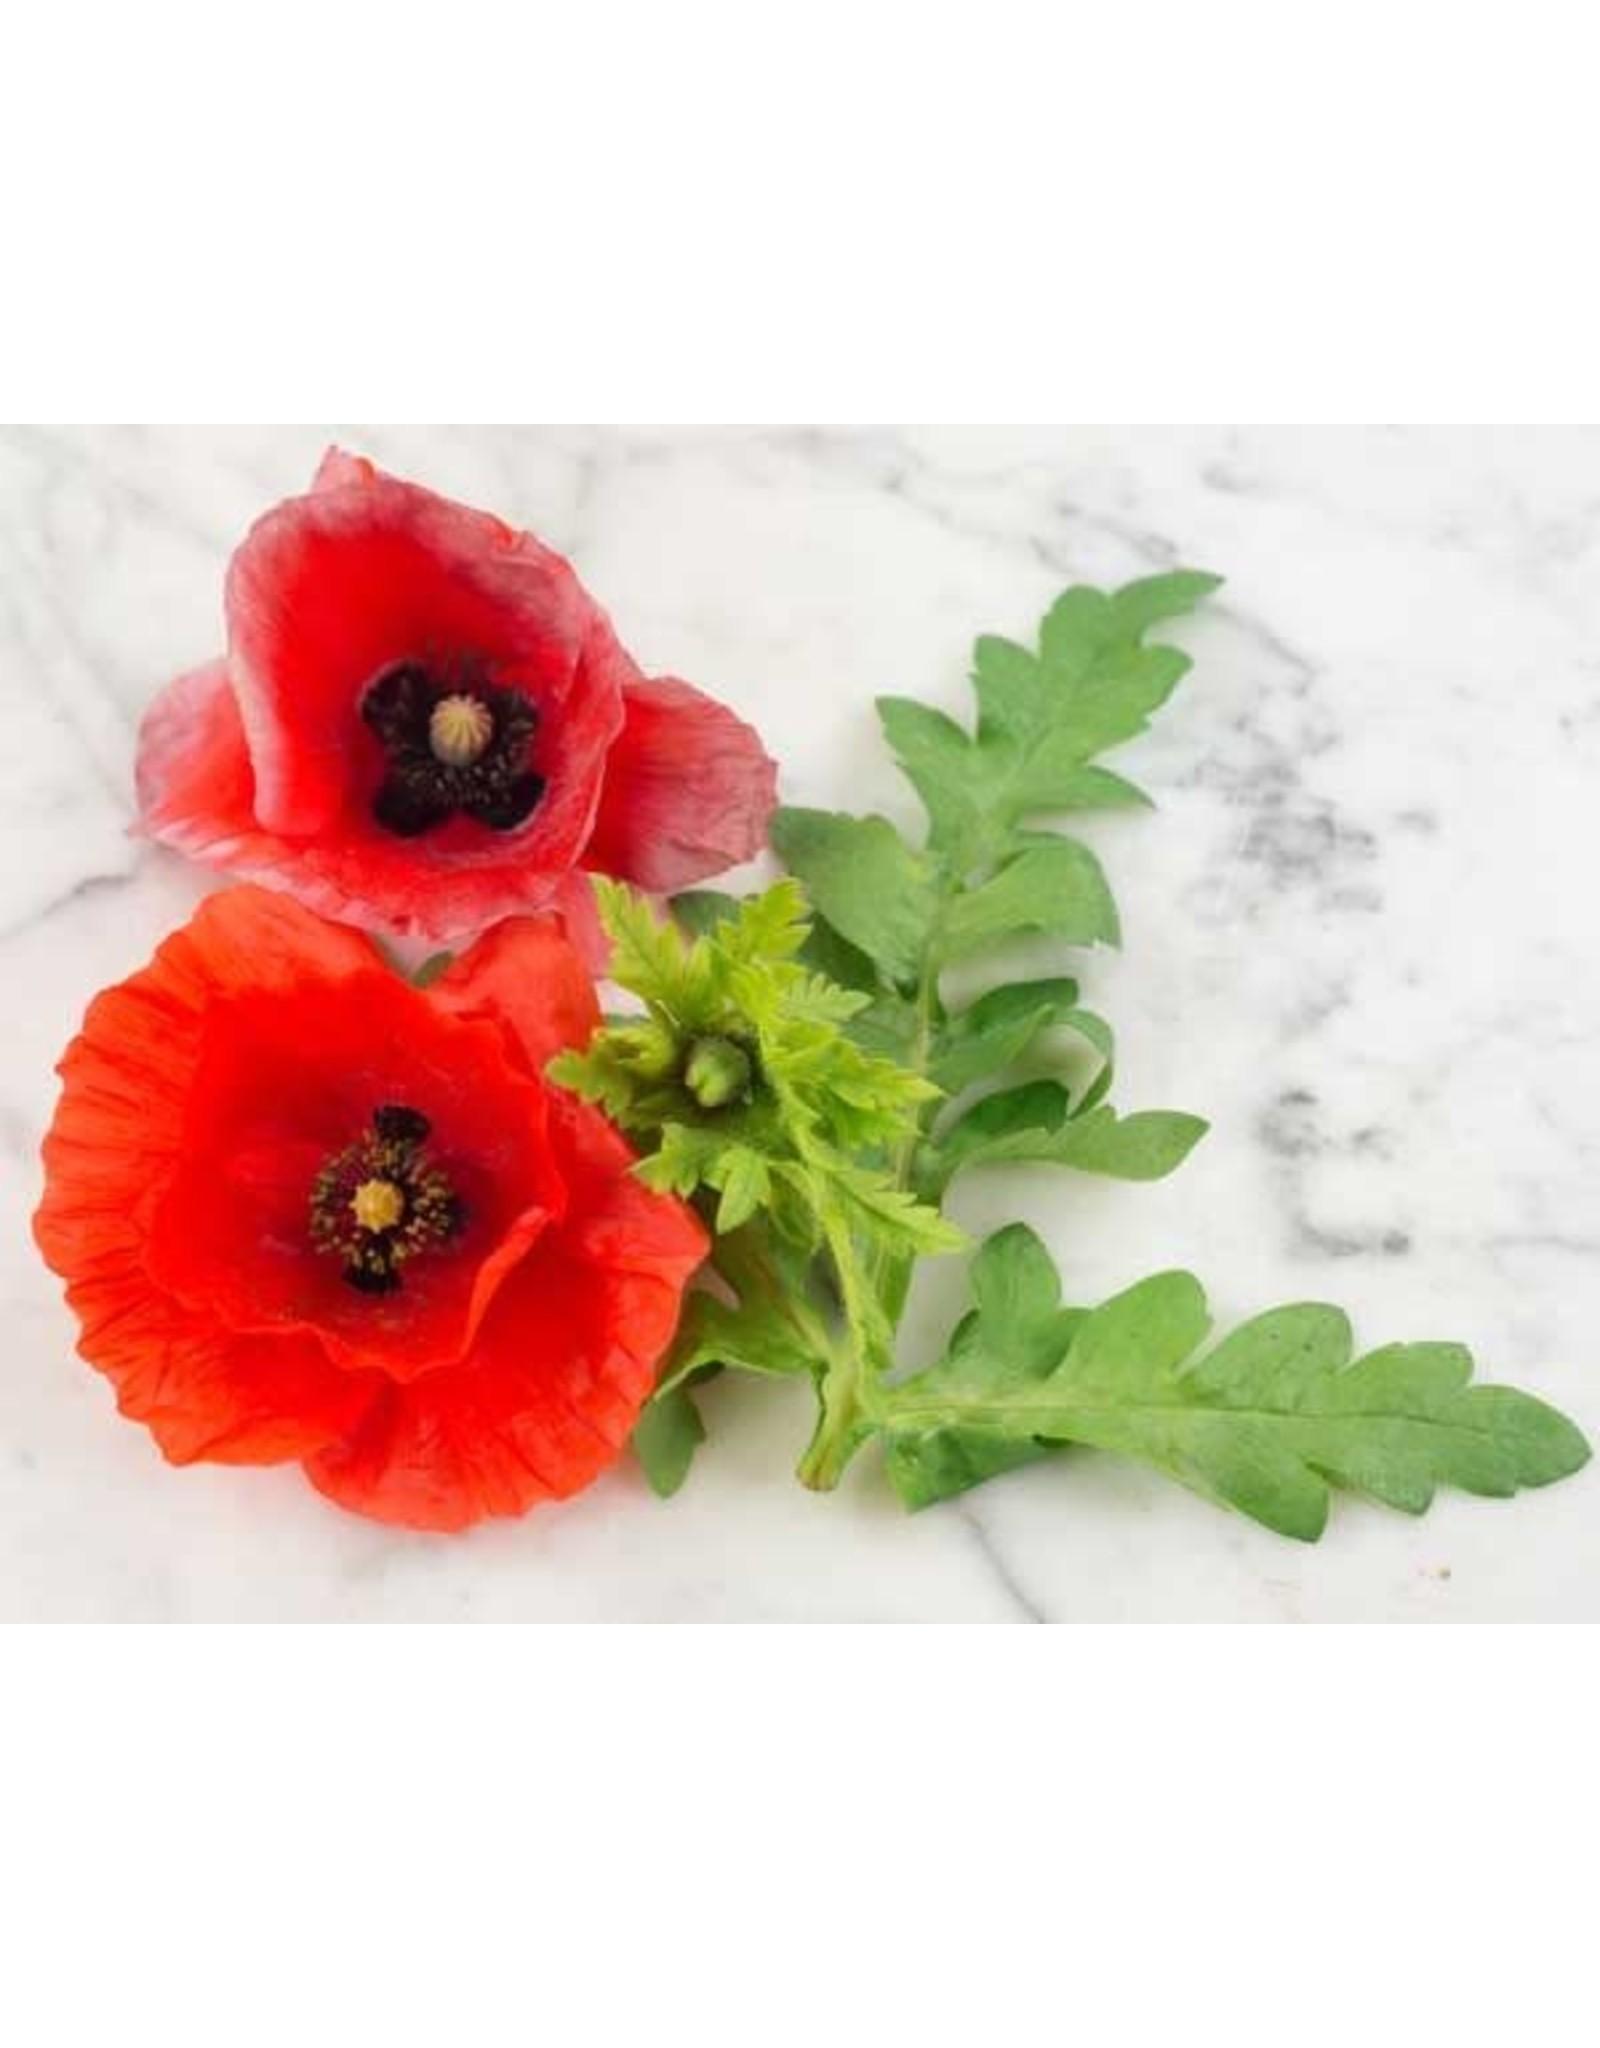 Seeds - Poppy Flanders American Legion